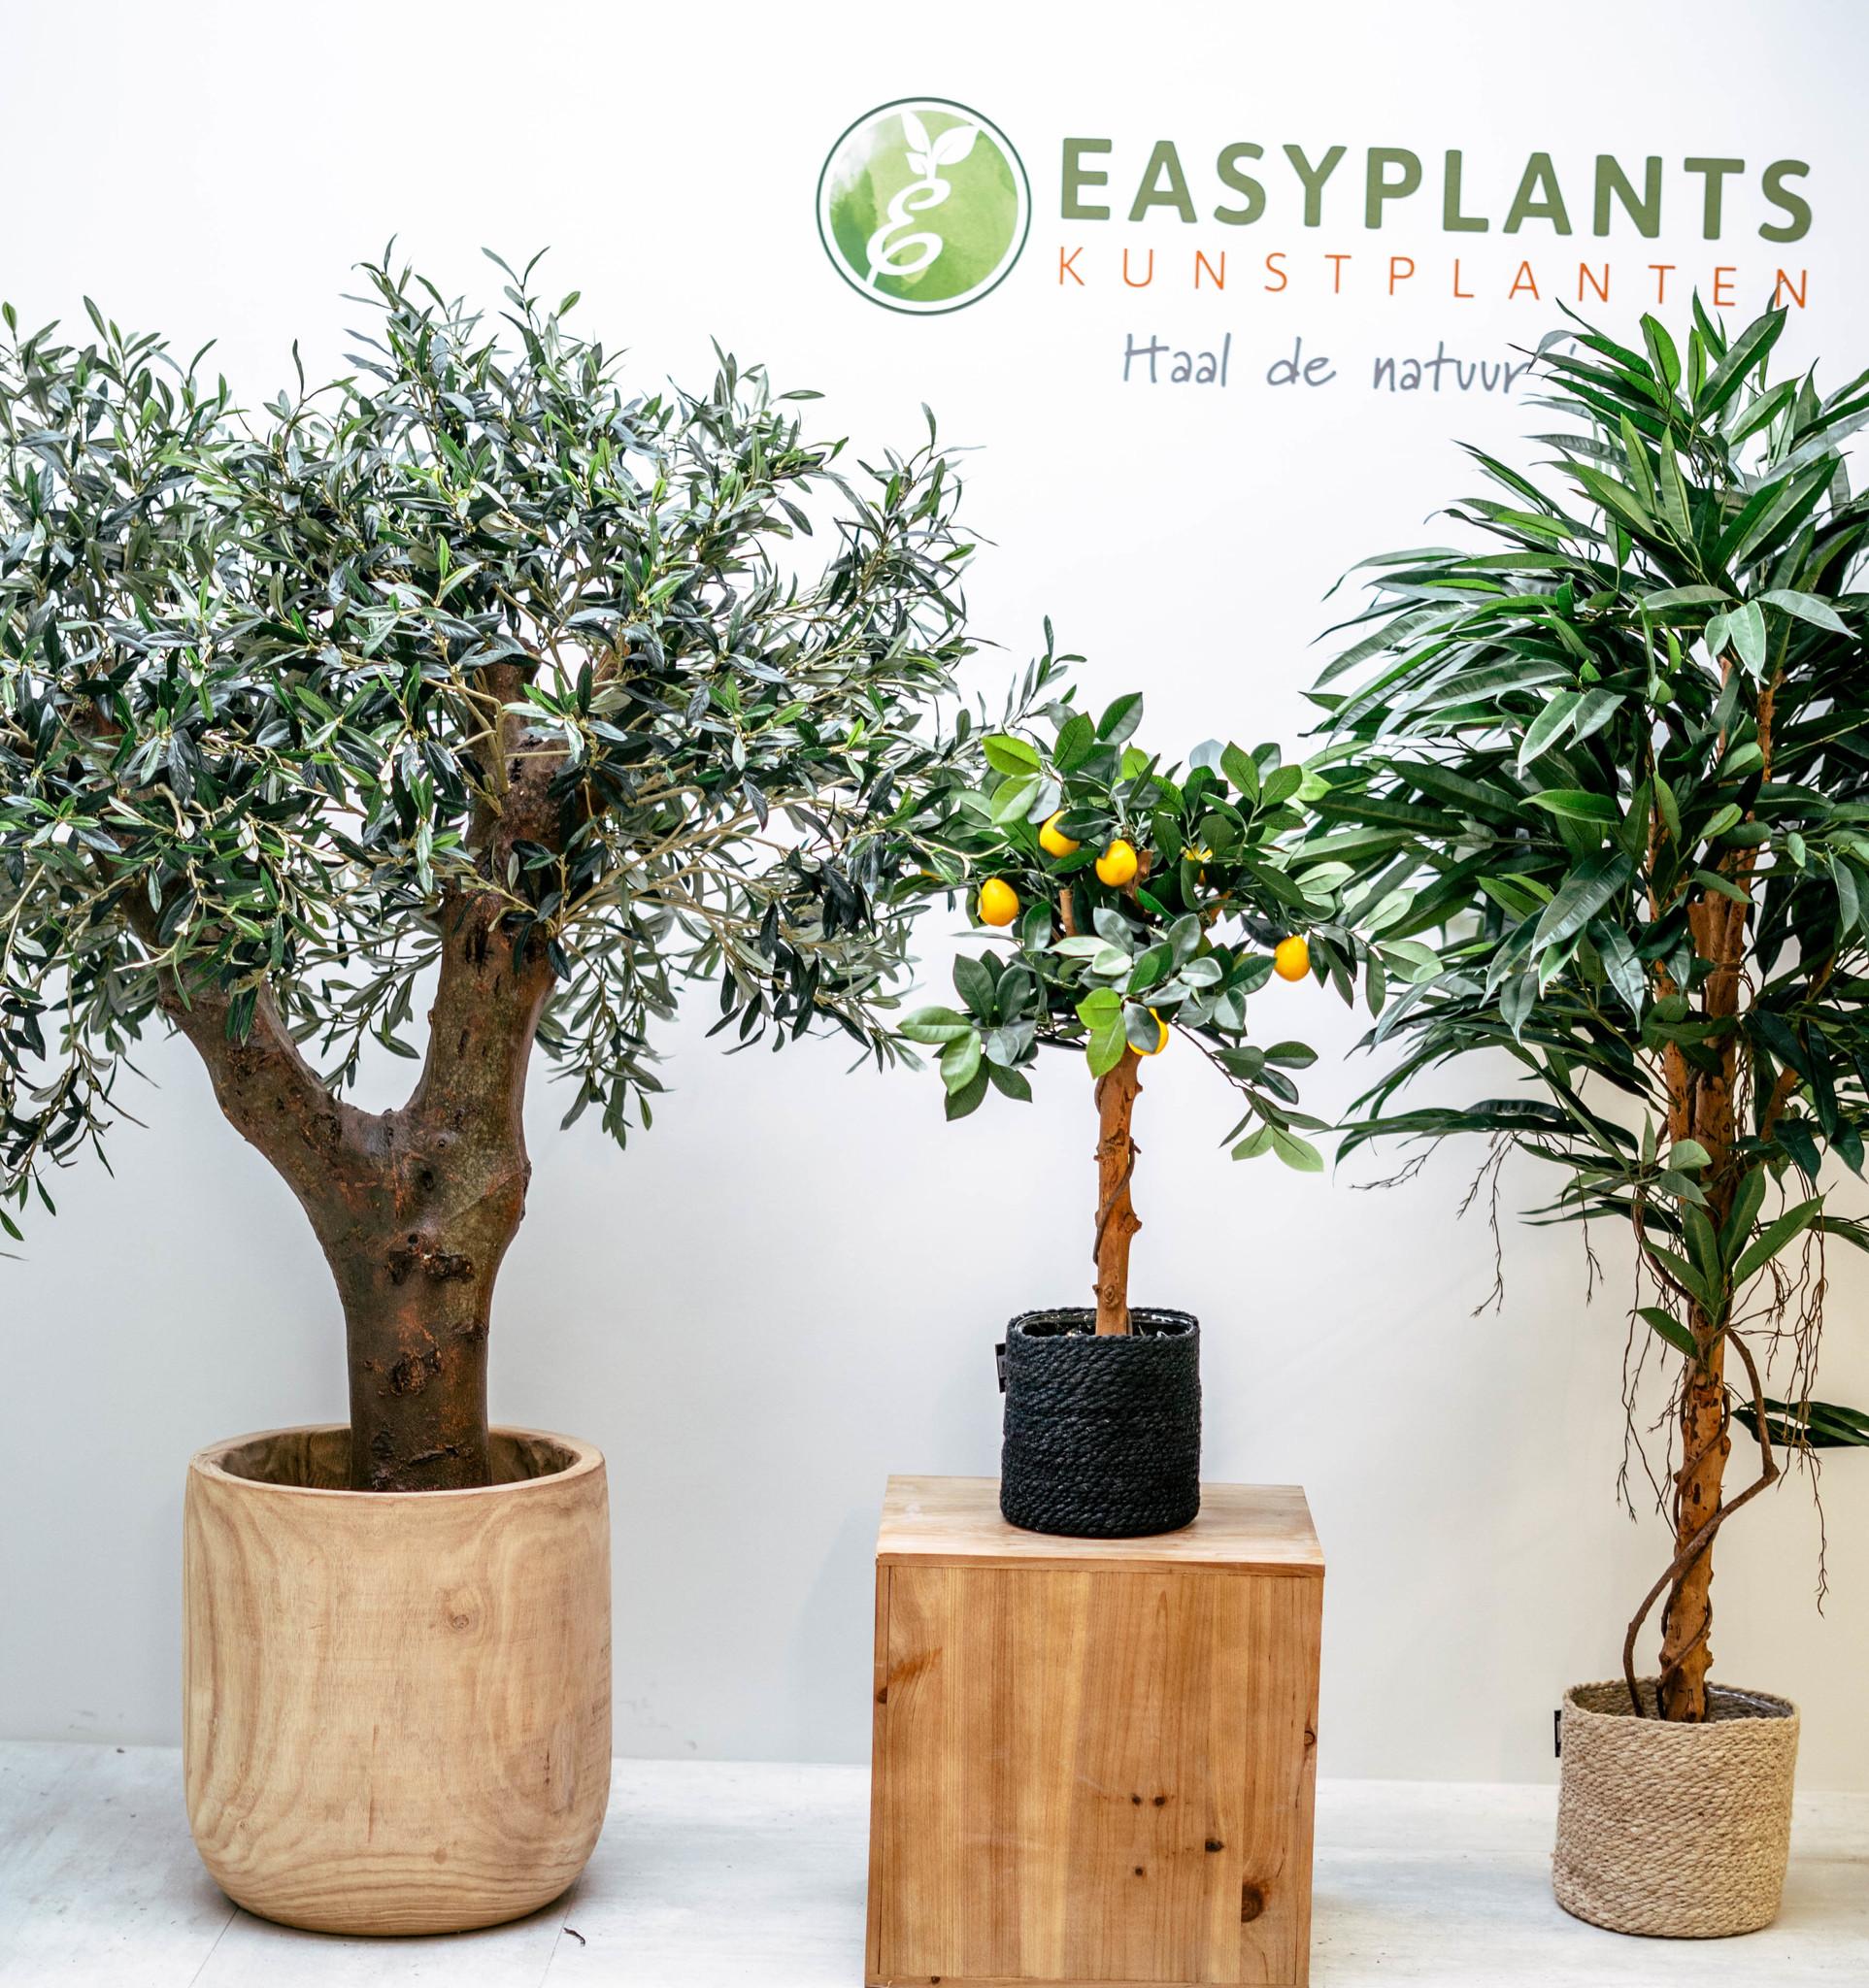 De voordelen van kunstplanten voor jou op een rij